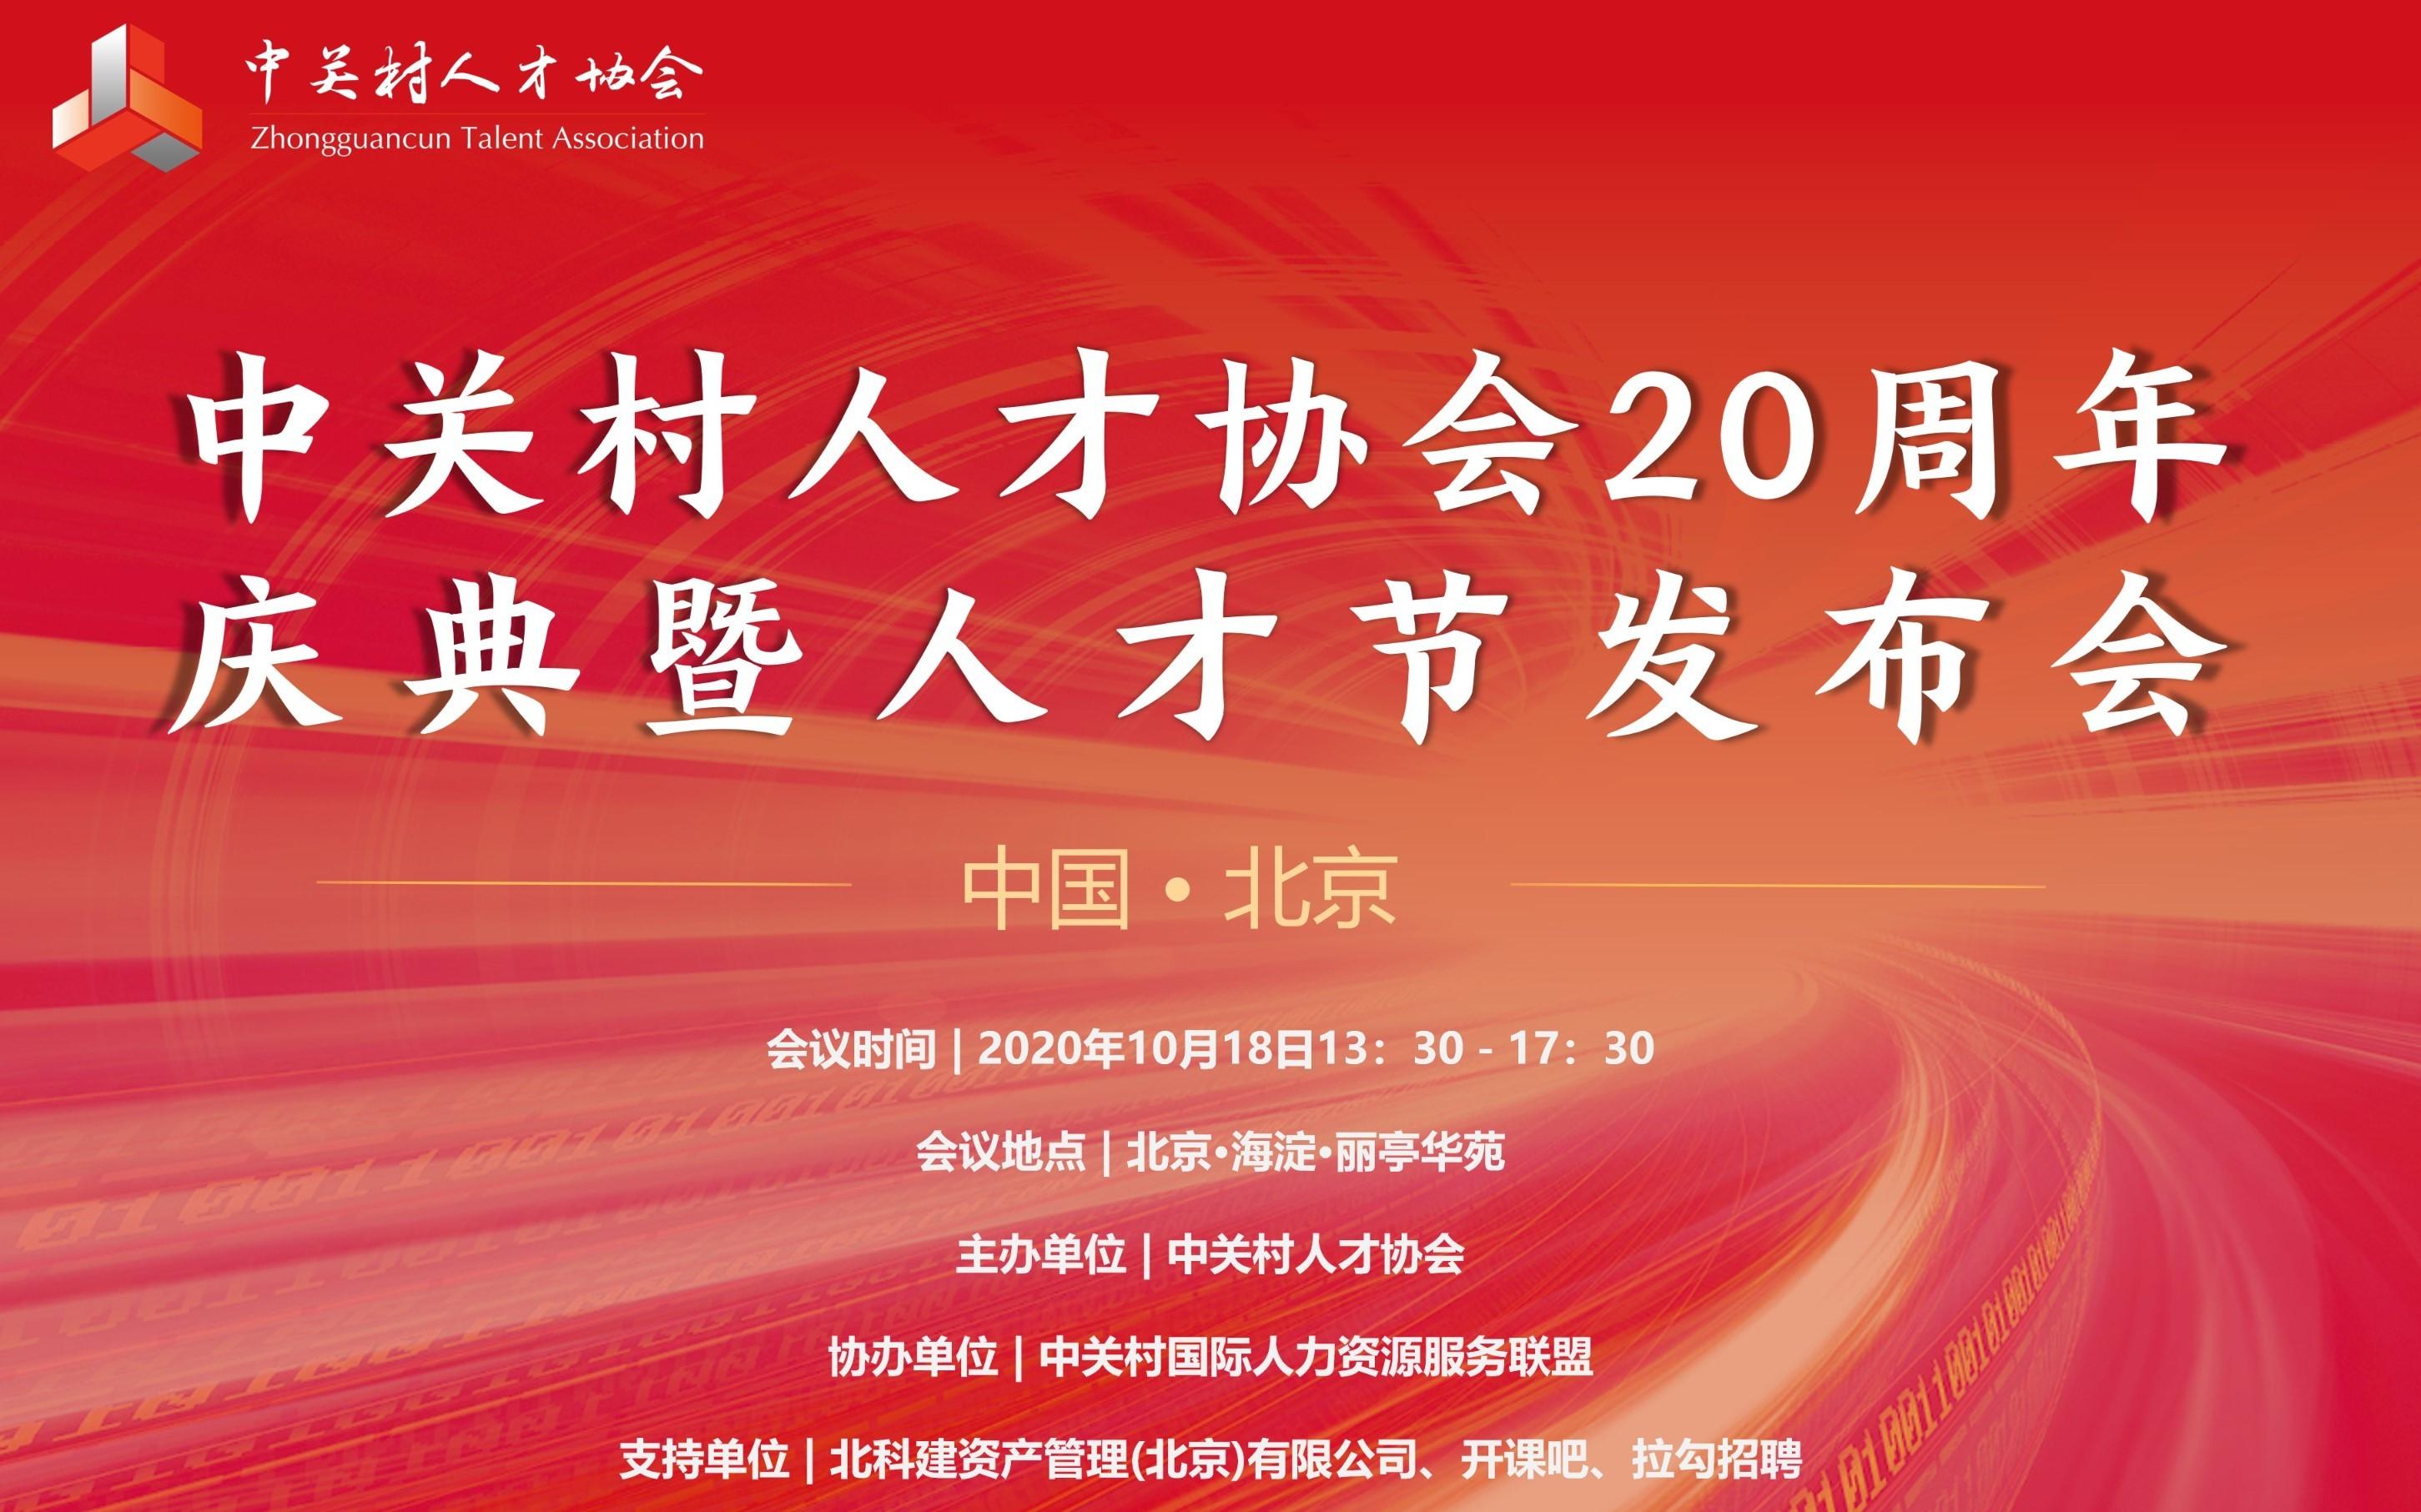 中关村人才协会20周年庆典暨人才节发布会